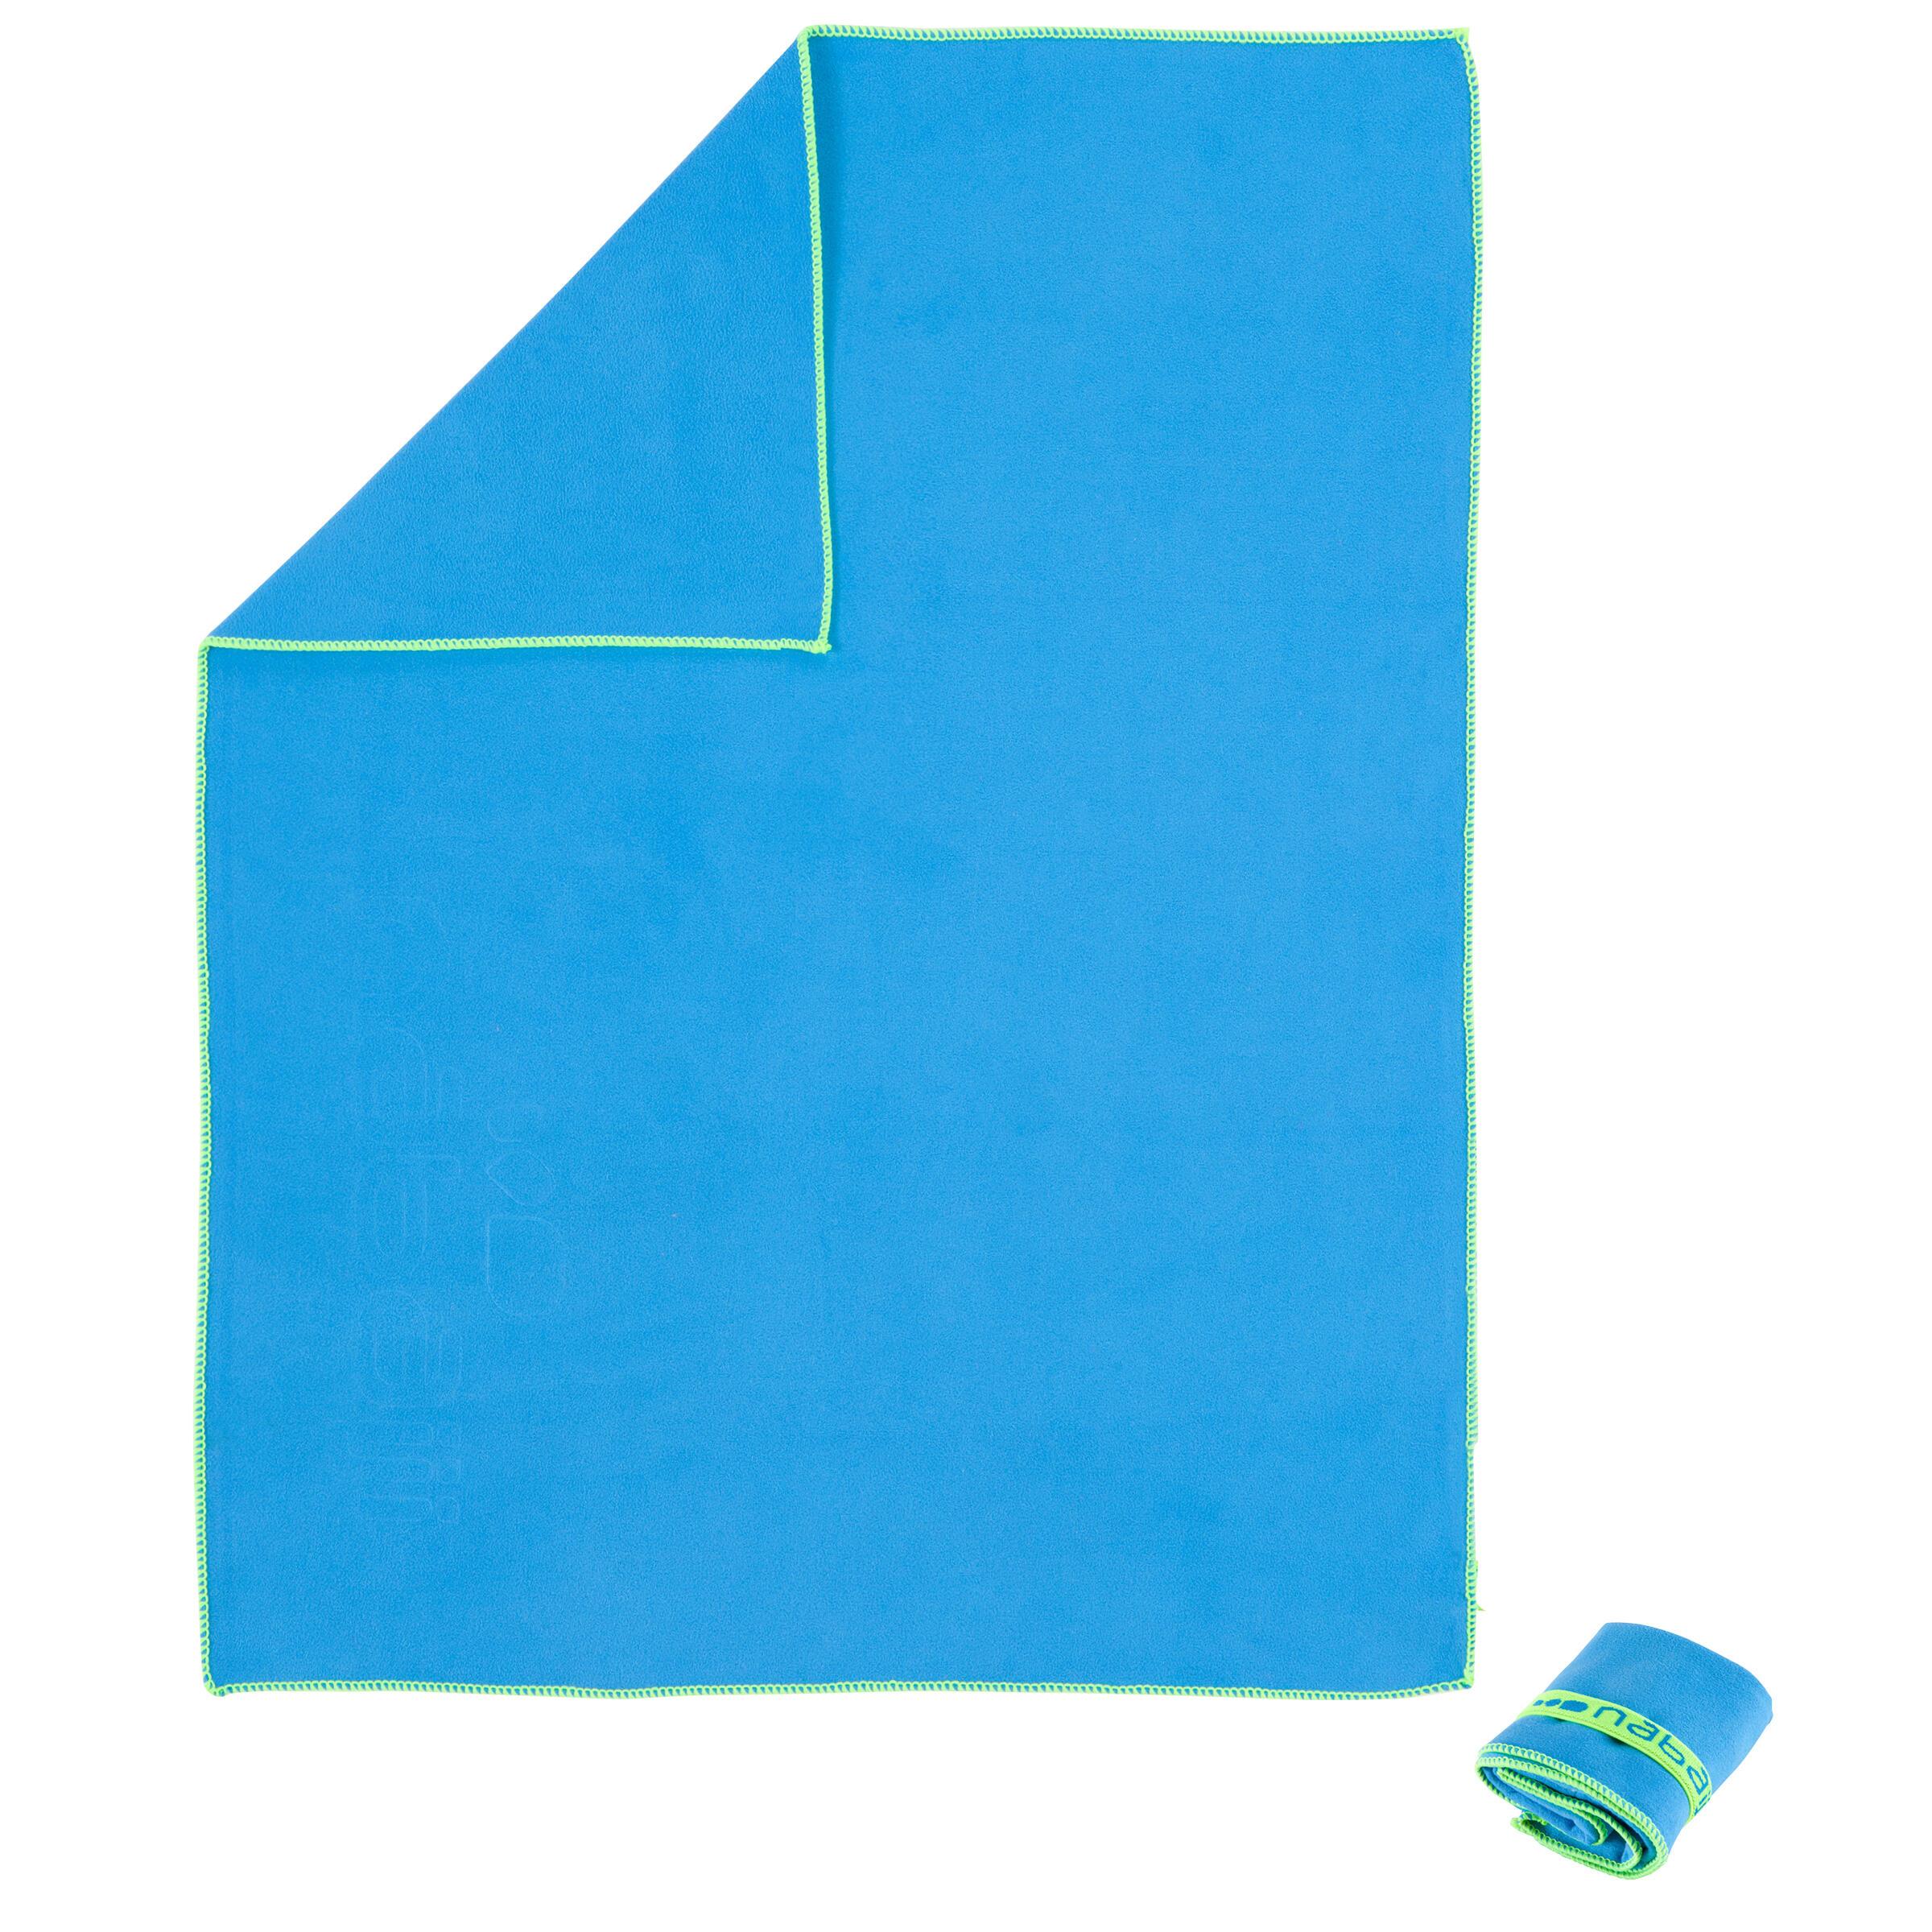 Ultra-Compact Microfibre Towel Size S 42 x 55 cm - Blue